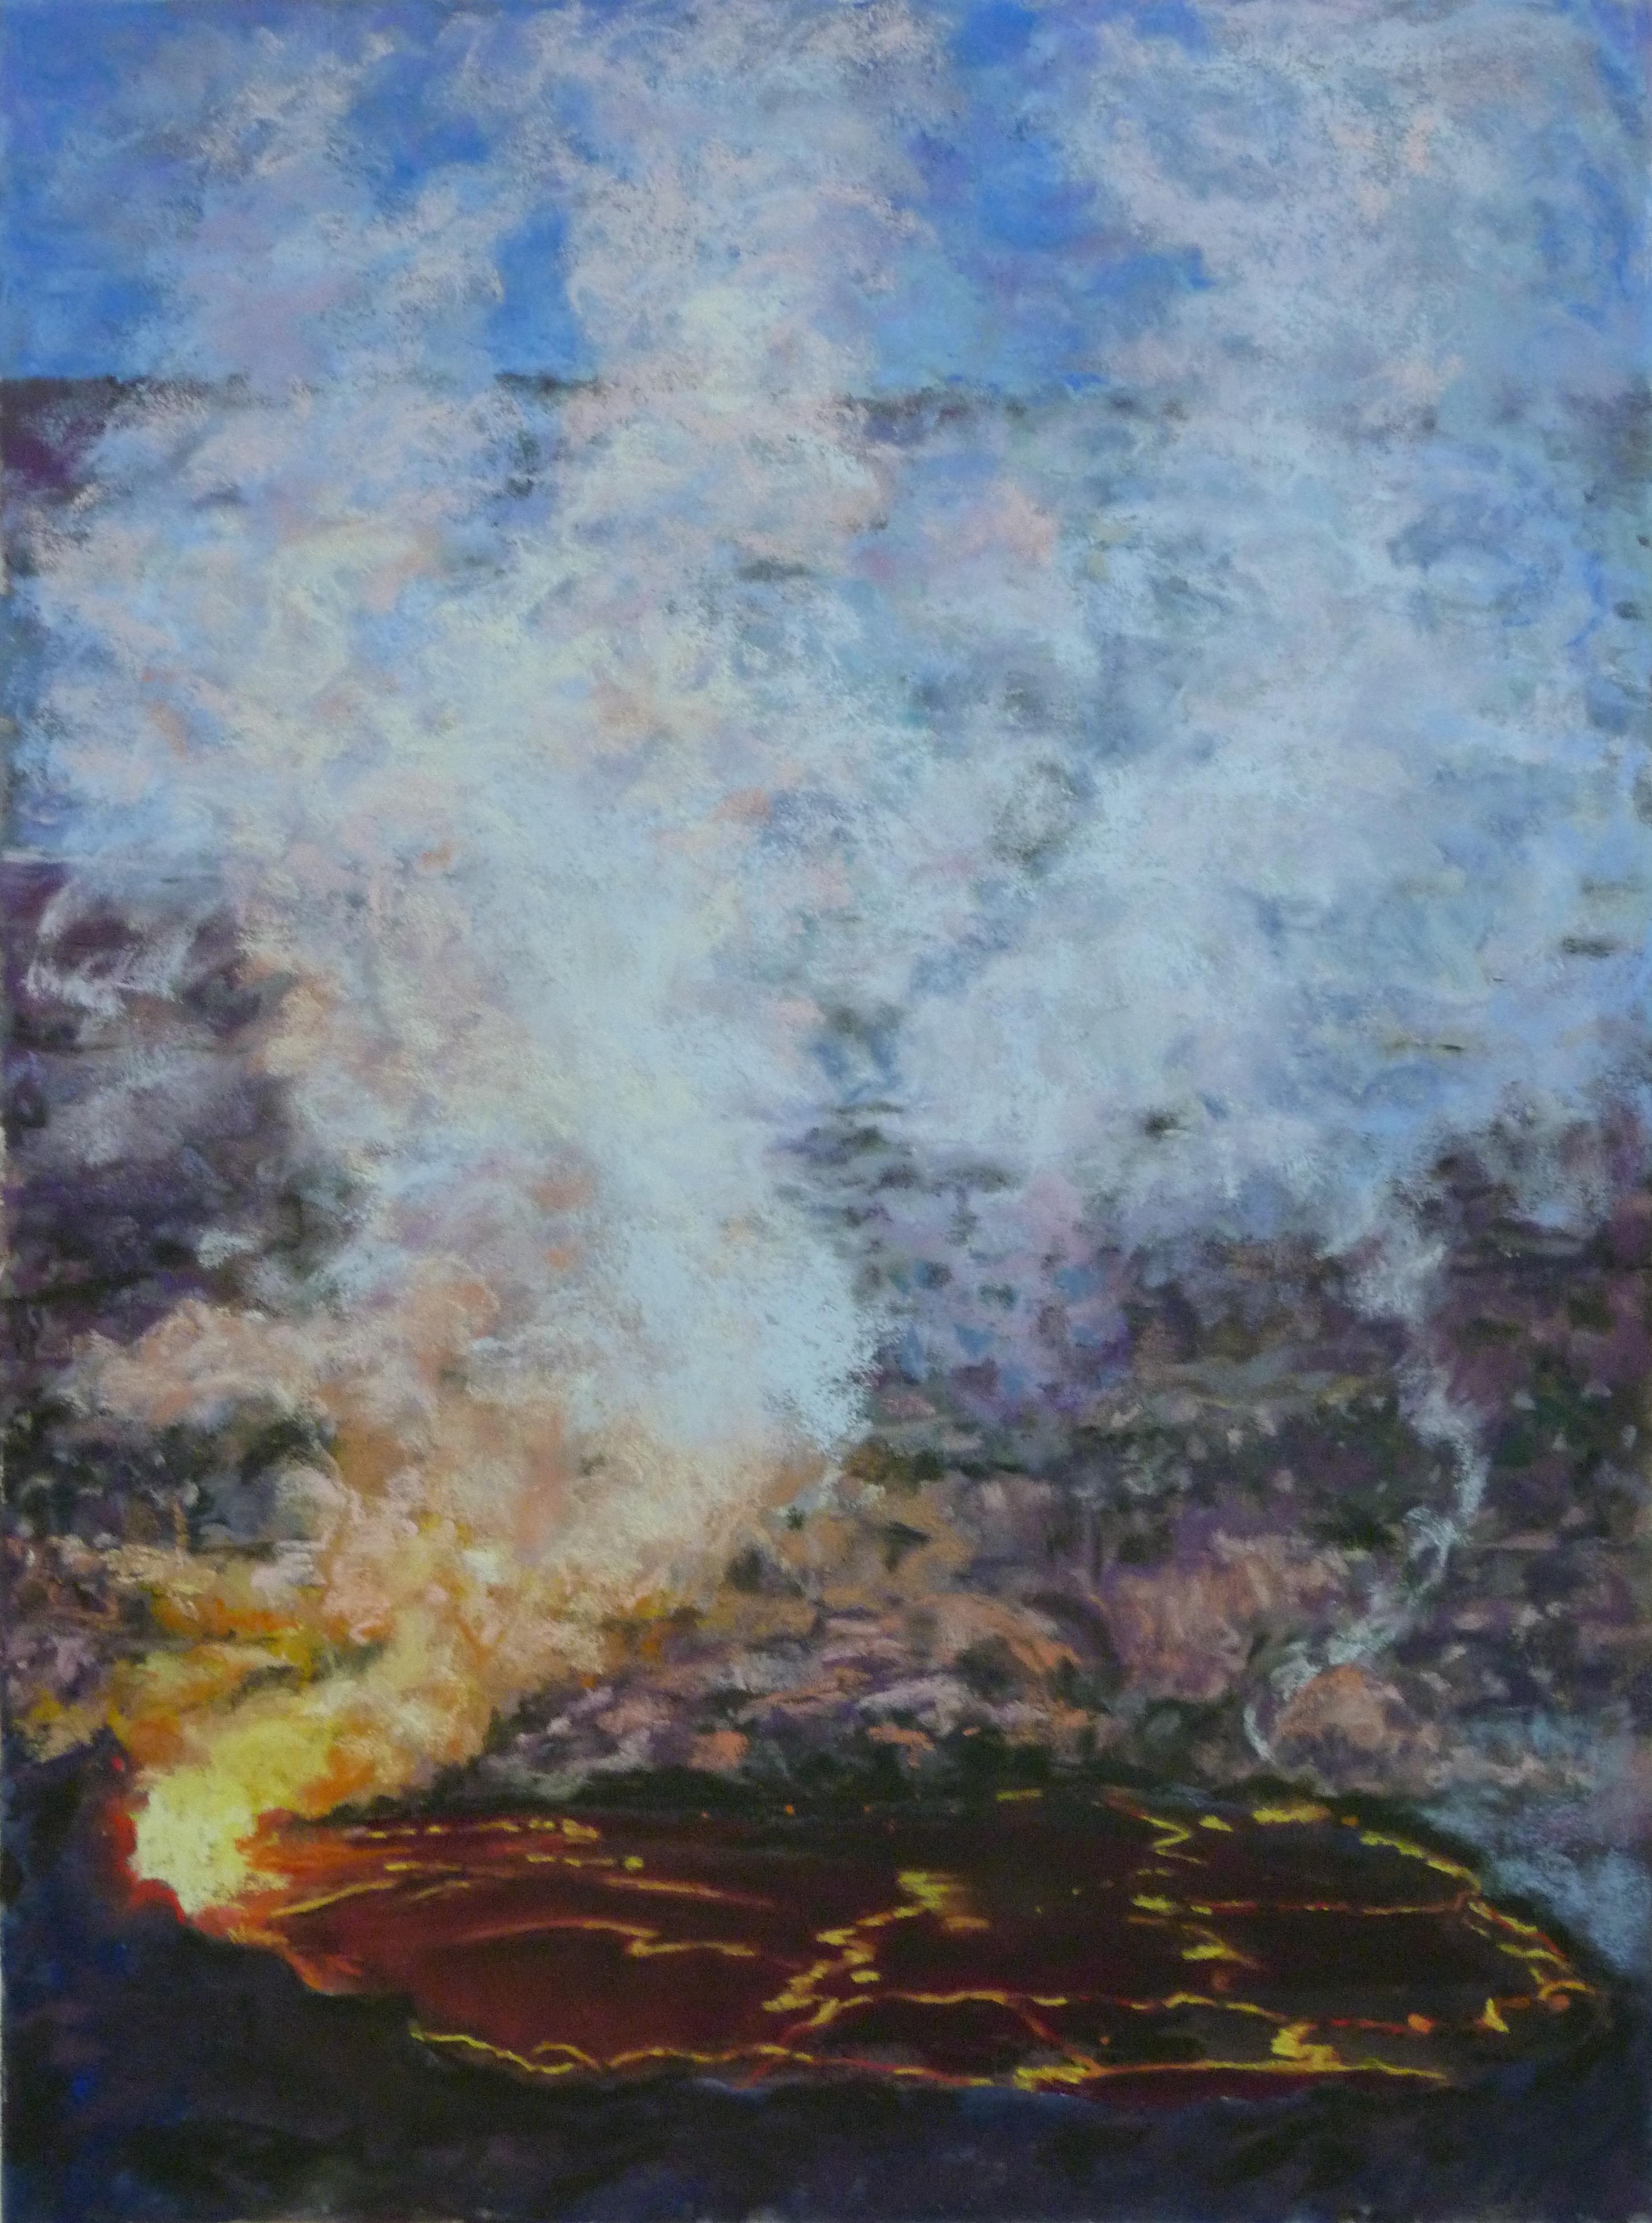 Halemaʻumaʻu at Dusk, 12x16, $450